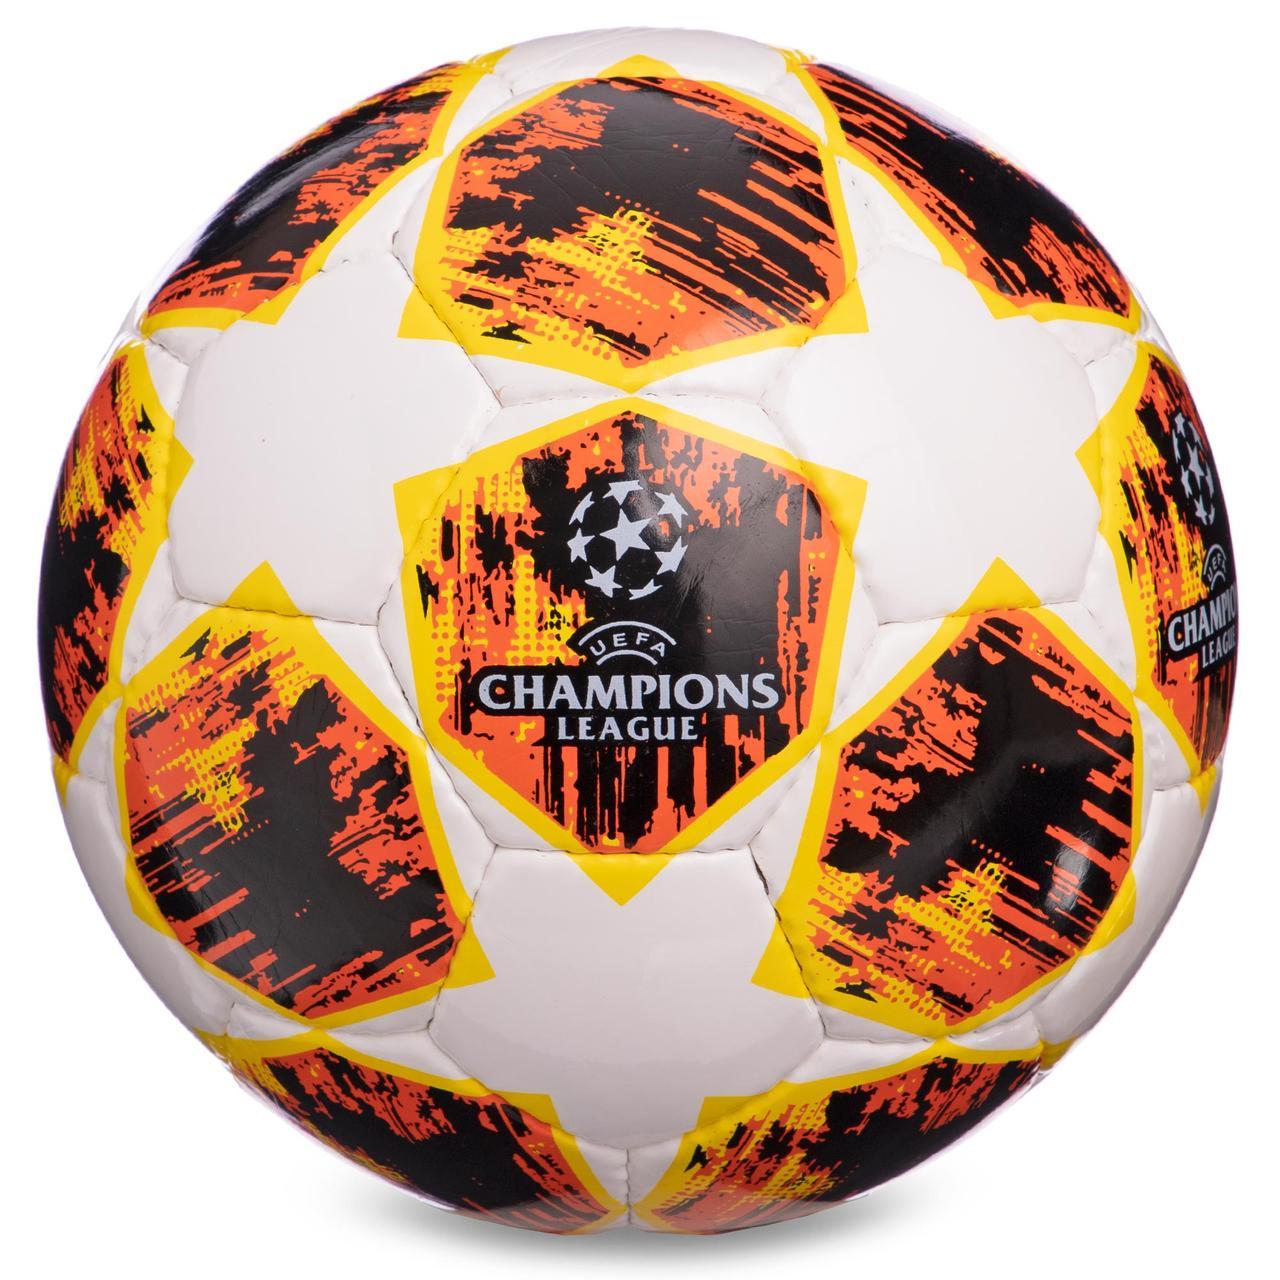 Футбольний м'яч розмір 4 PU CHAMPIONS LEAGUE біло-помаранчевий FB-0152-2